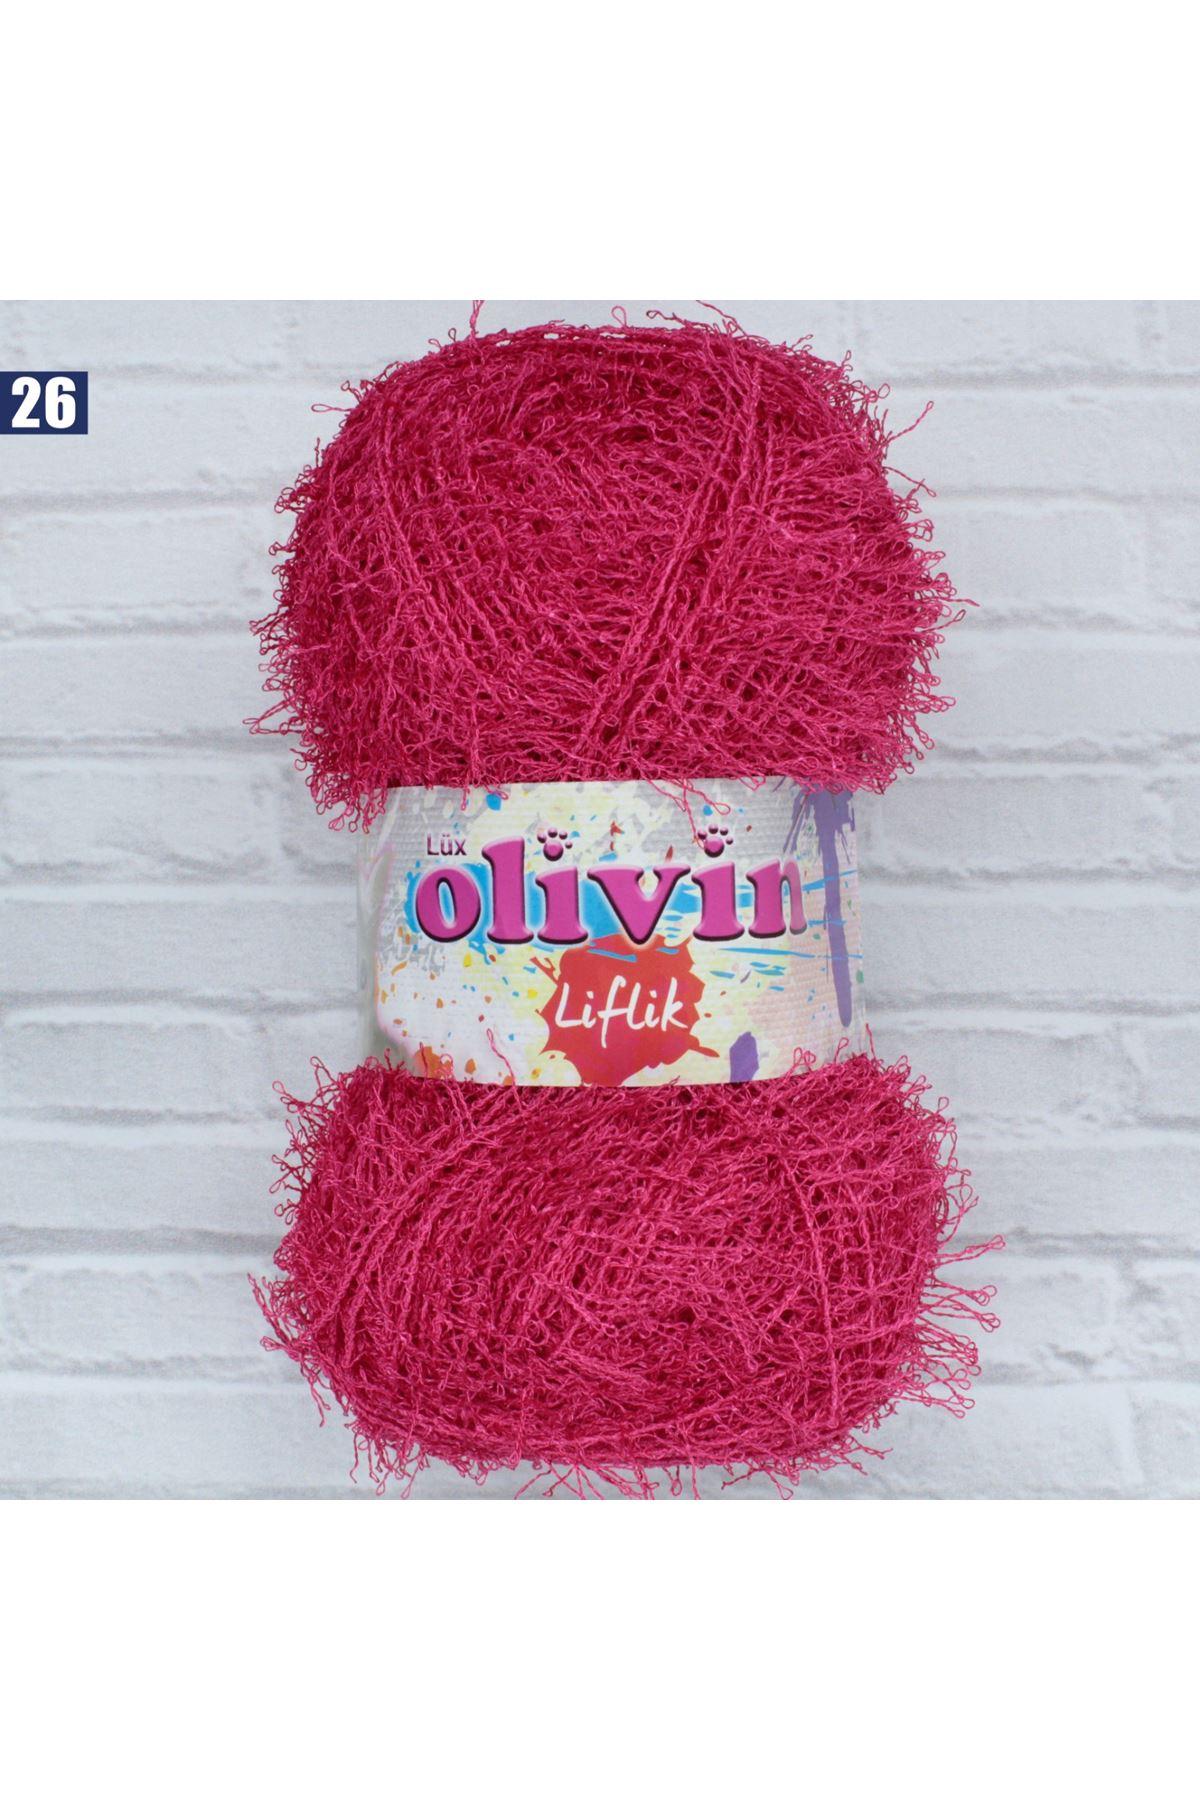 Olivin Liflik 26